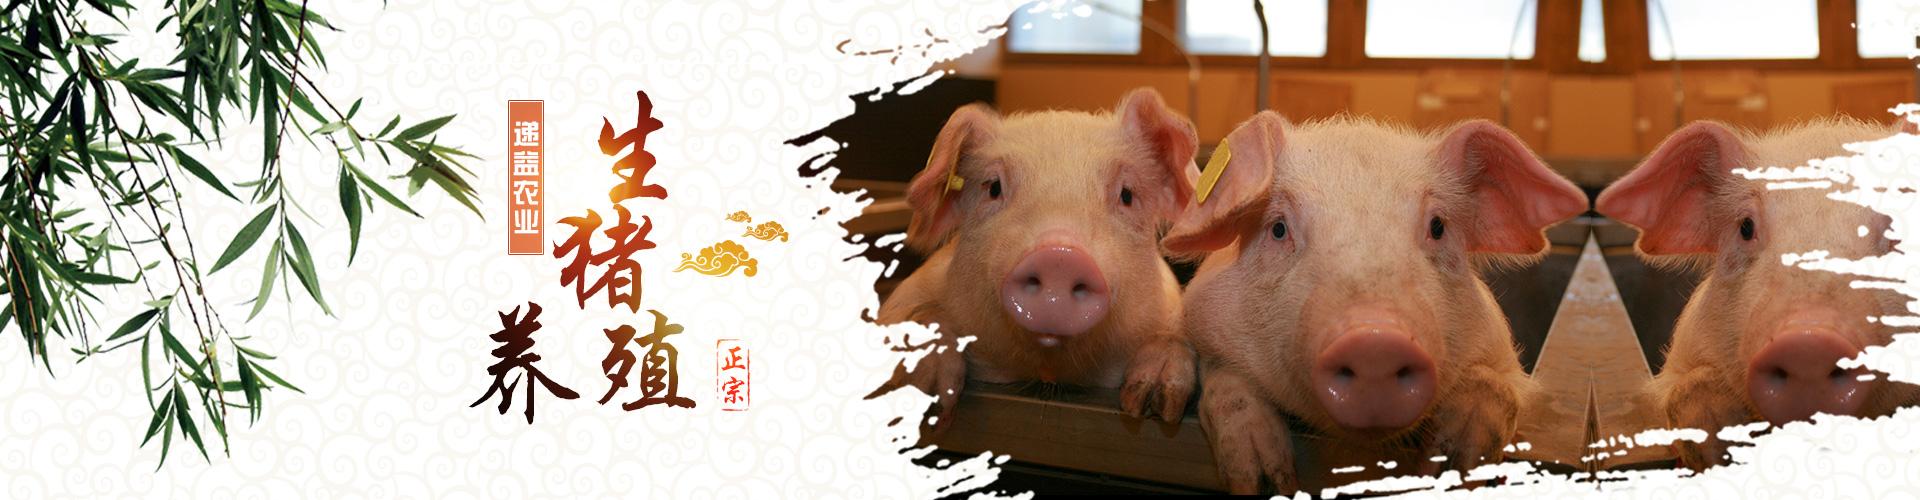 重庆递益农业开发有限公司